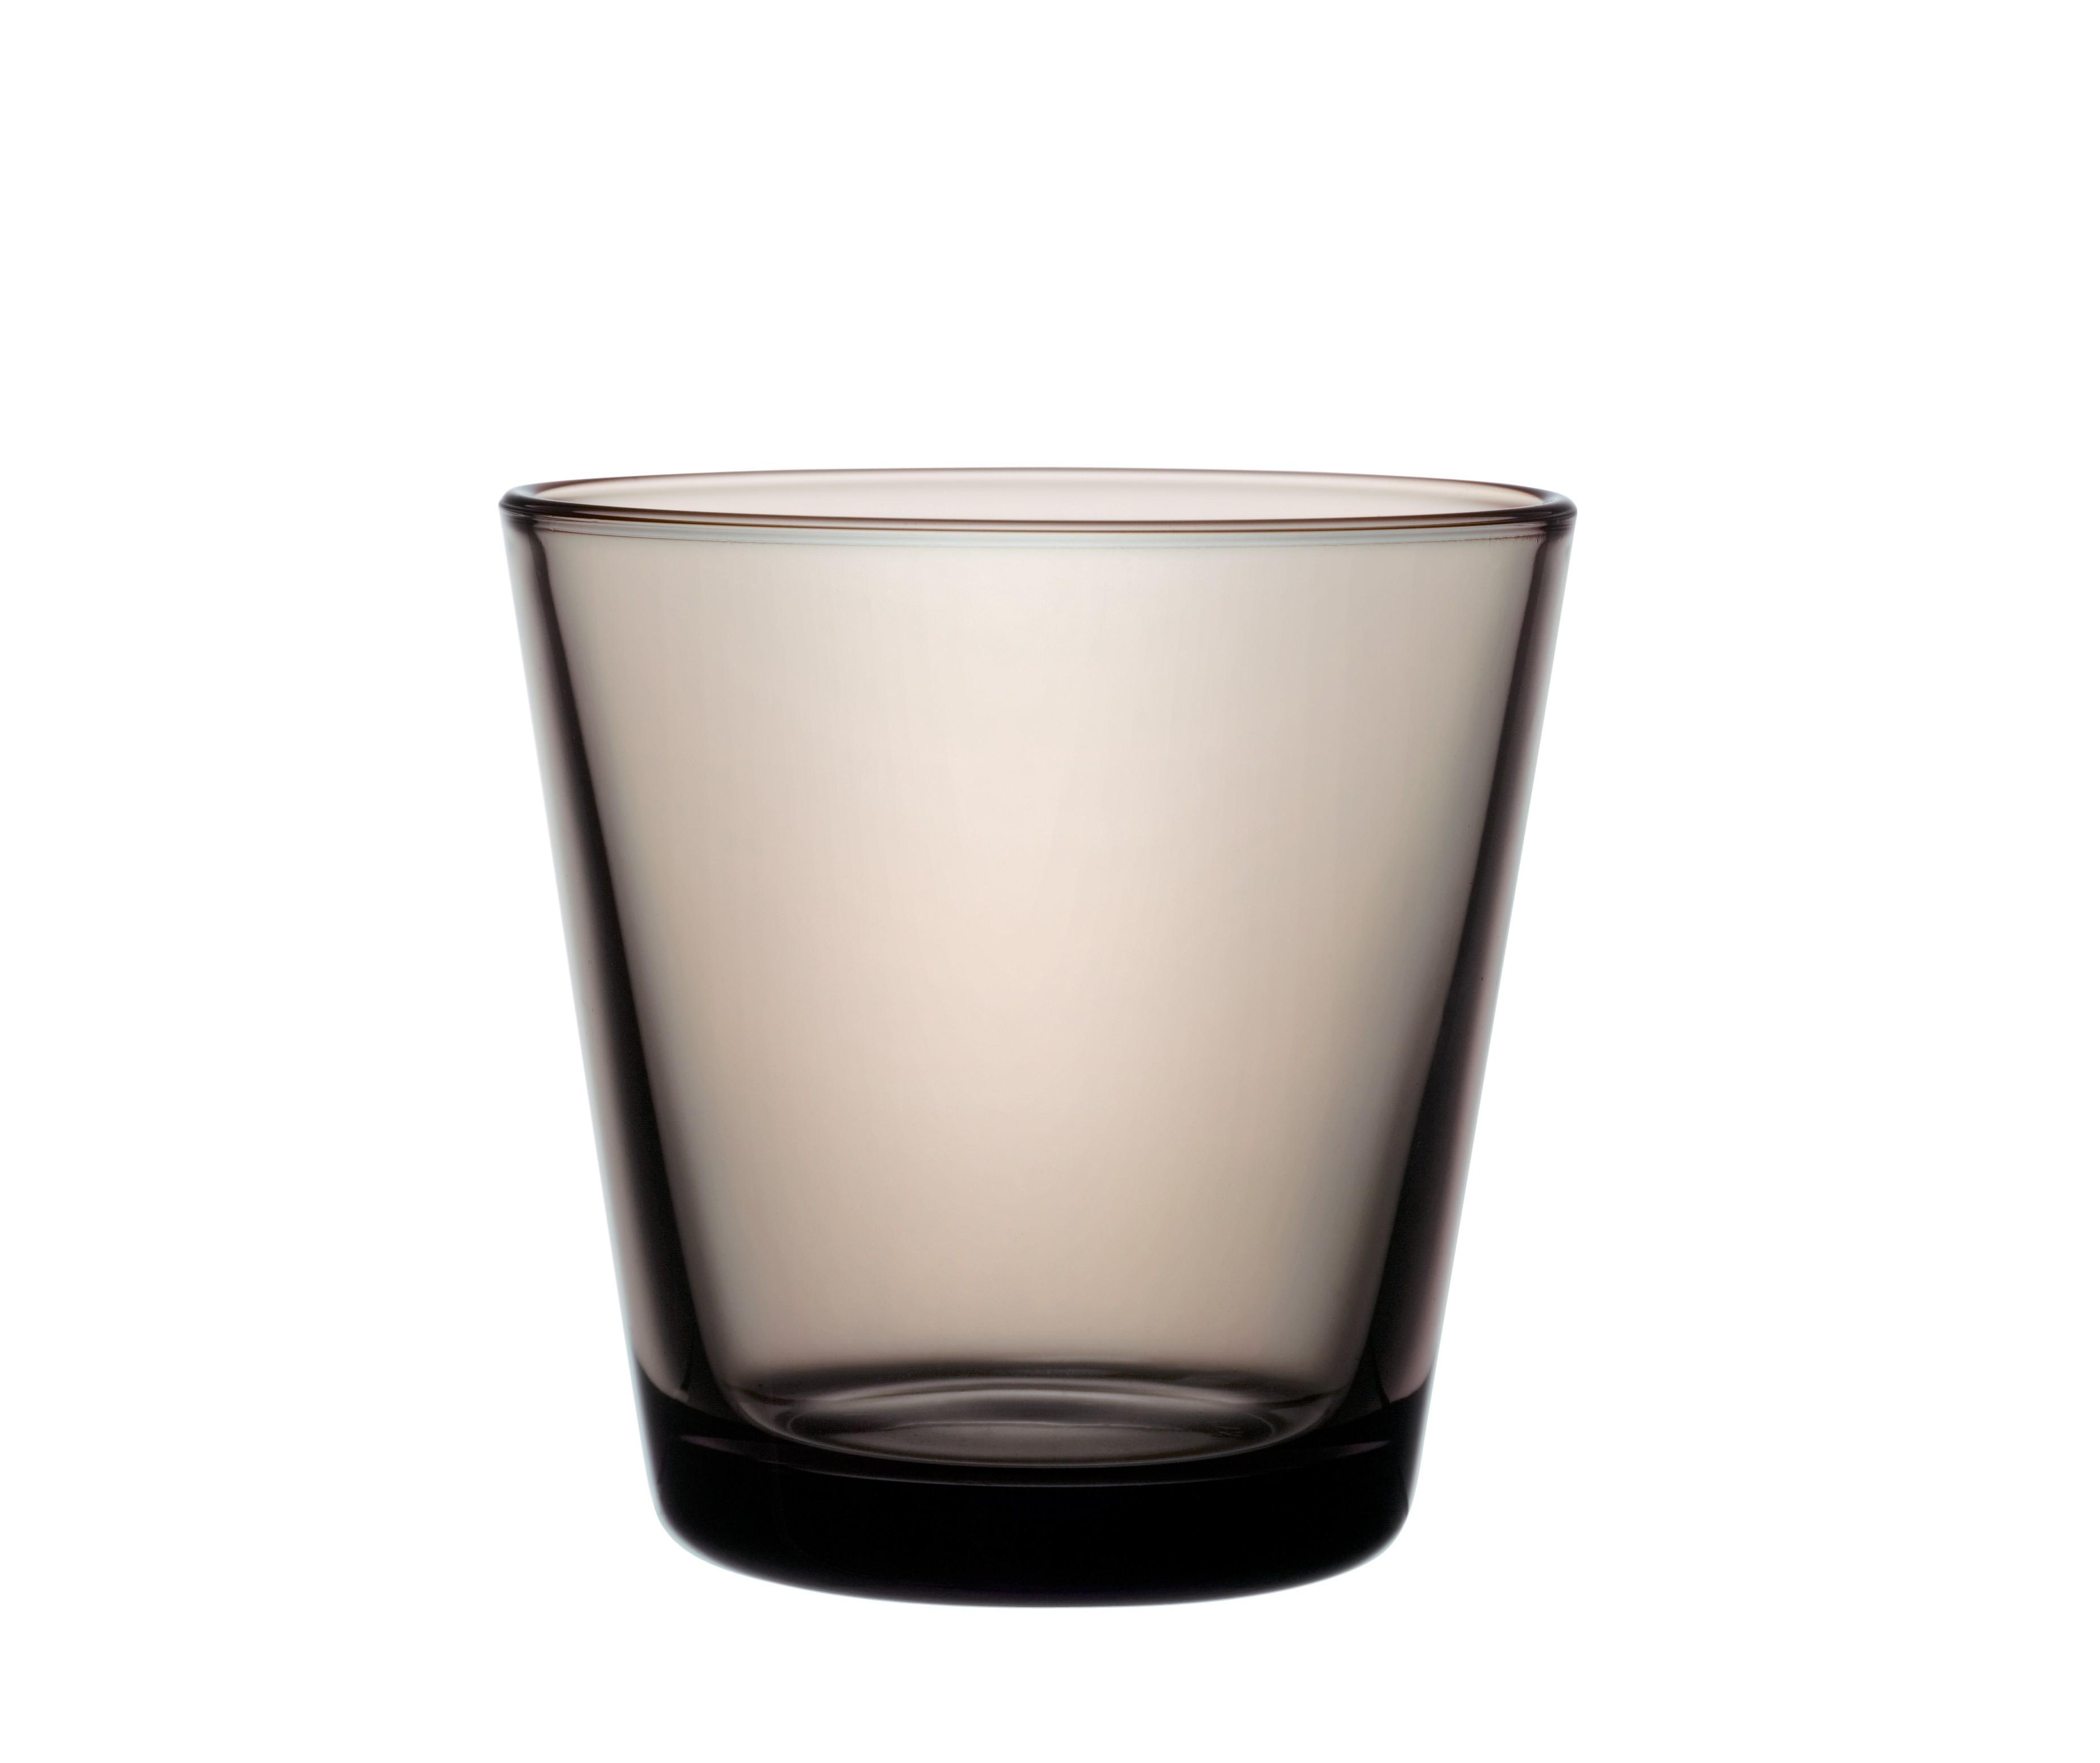 Стакан Kartio (2шт)Стаканы<br>Kartio является одним из творений выдающегося финского дизайнера Кая Франка, стиль которго отличался строгой геометричностью, лаконизмом и продуманными цветовыми решениями. Стаканы различных цветов, кувшины и чаши серии Kartio отлично подходит для ежедневного использования.<br><br>Material: Фарфор<br>Length см: 9<br>Width см: 16<br>Depth см: None<br>Height см: 8<br>Diameter см: None